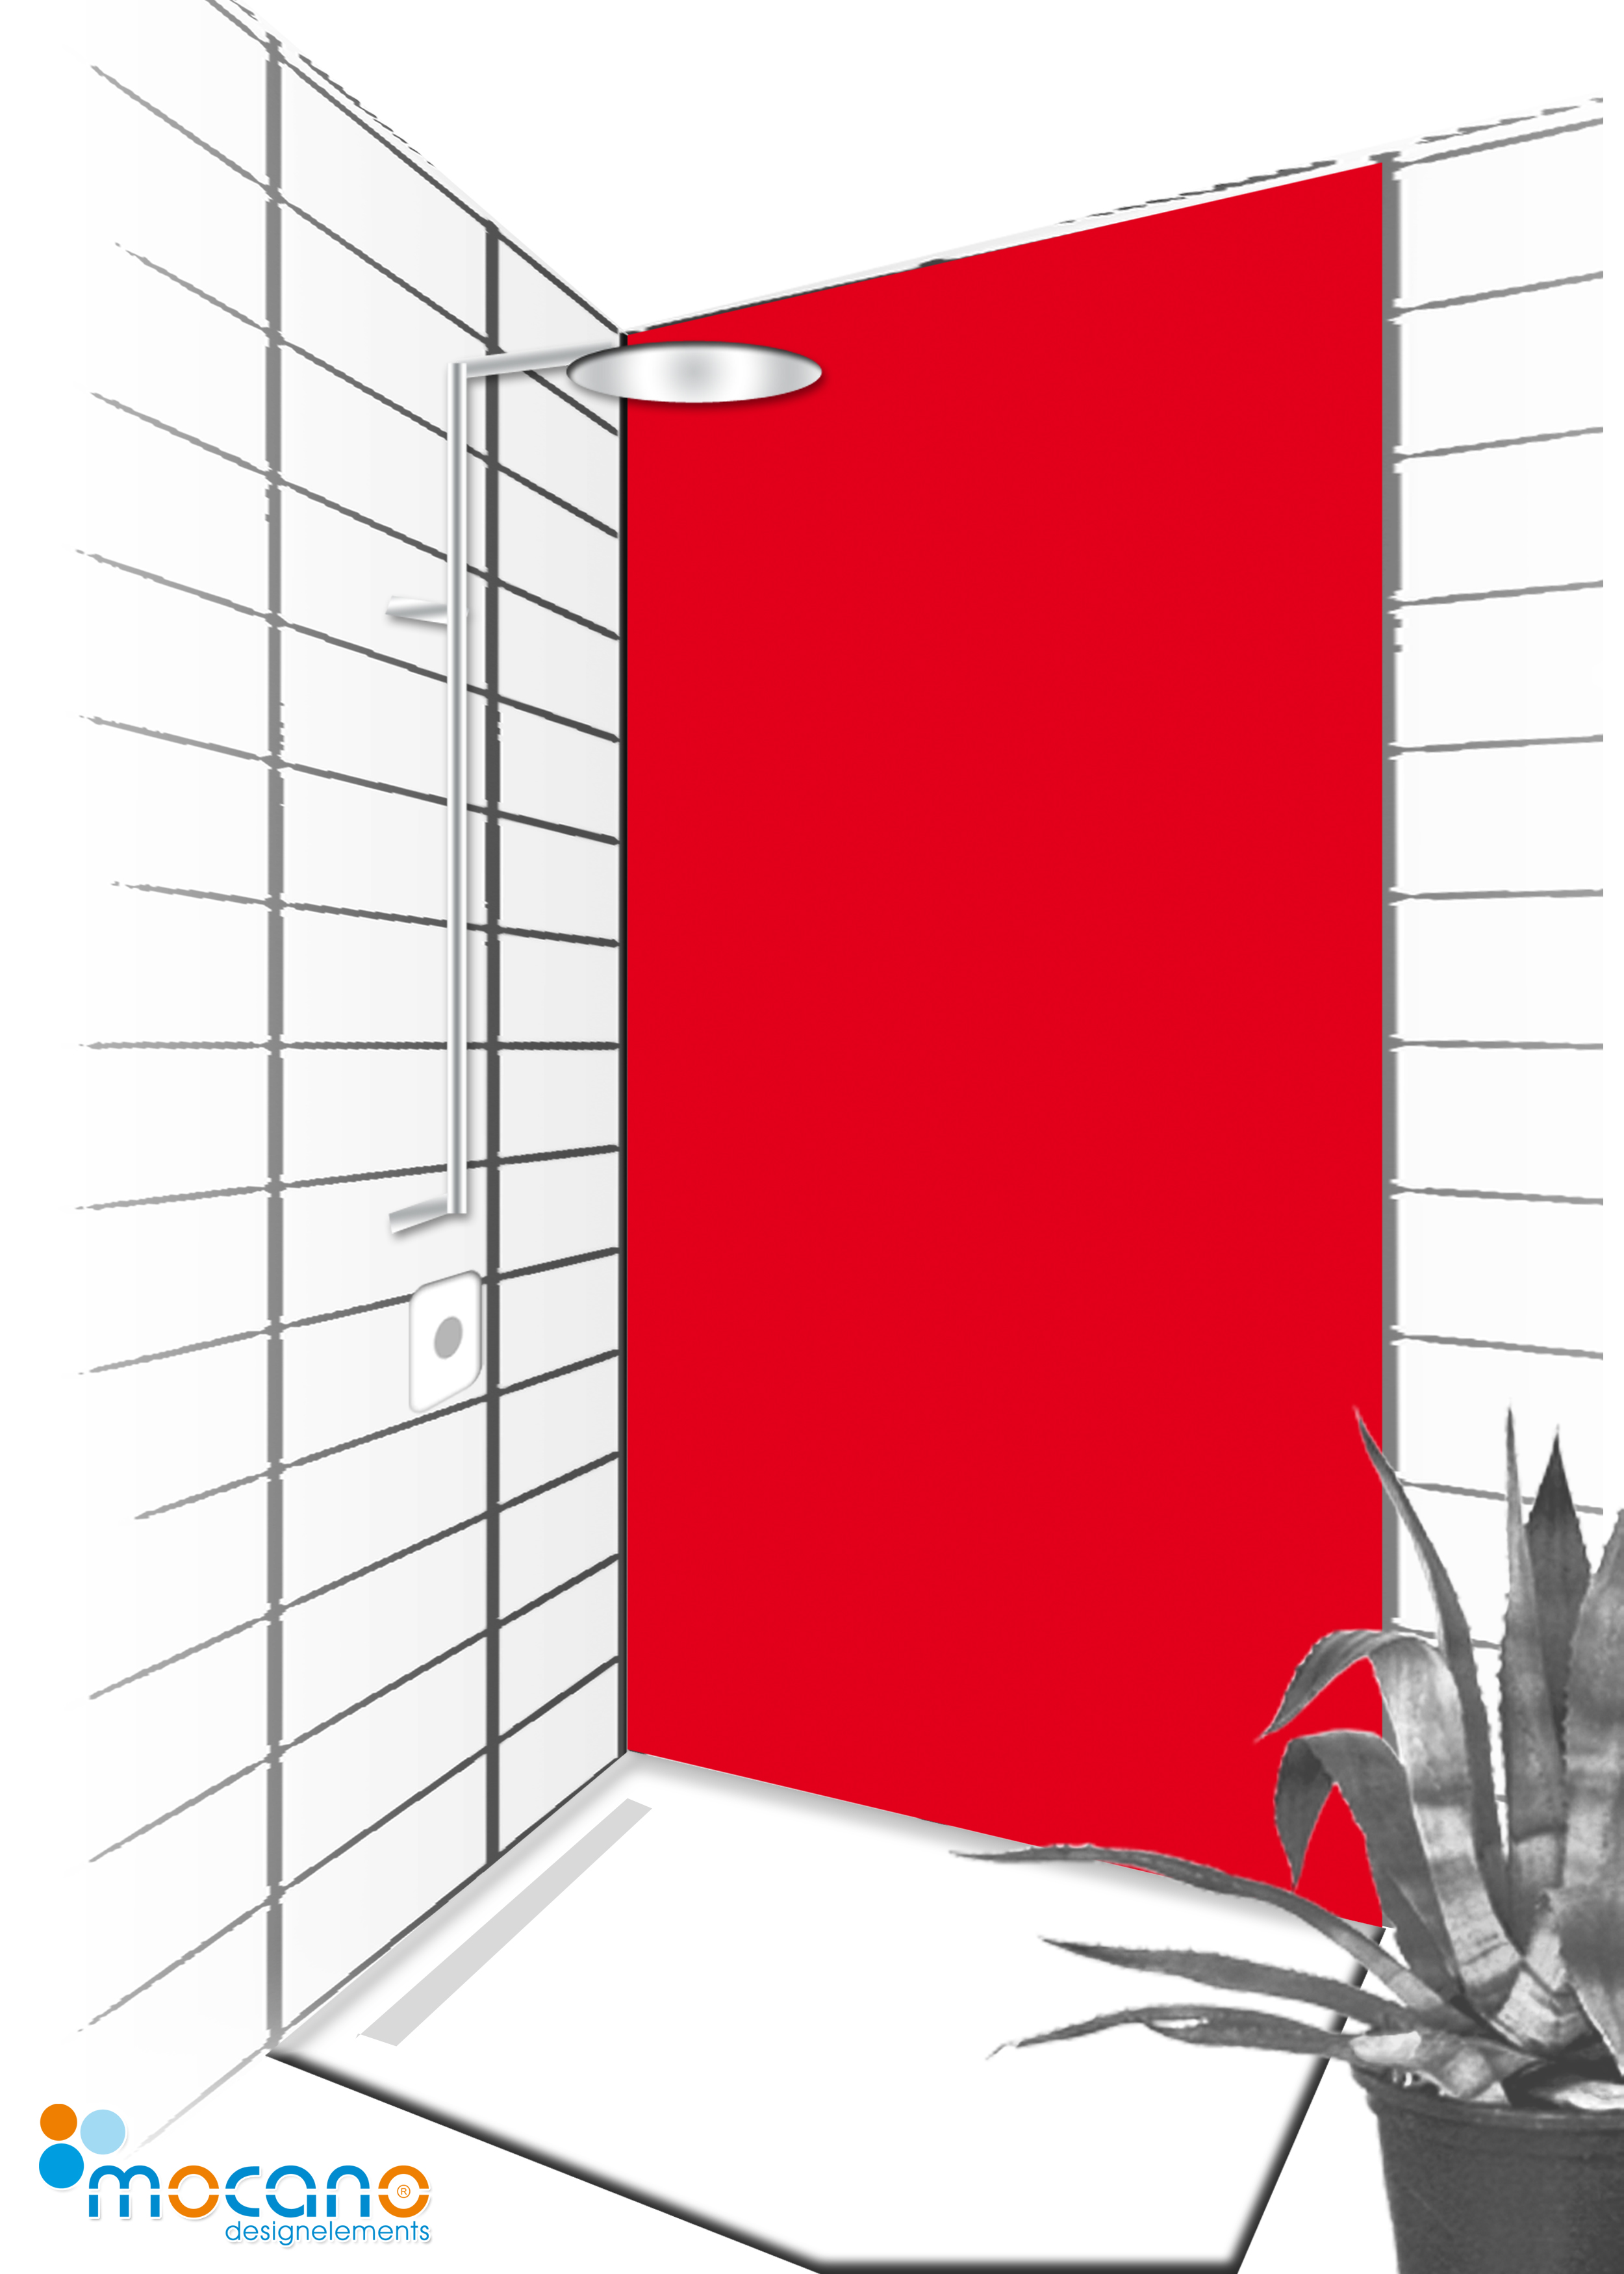 duschr ckwand 90x210cm einfarbig g nstig online kaufen mocano designelemente. Black Bedroom Furniture Sets. Home Design Ideas